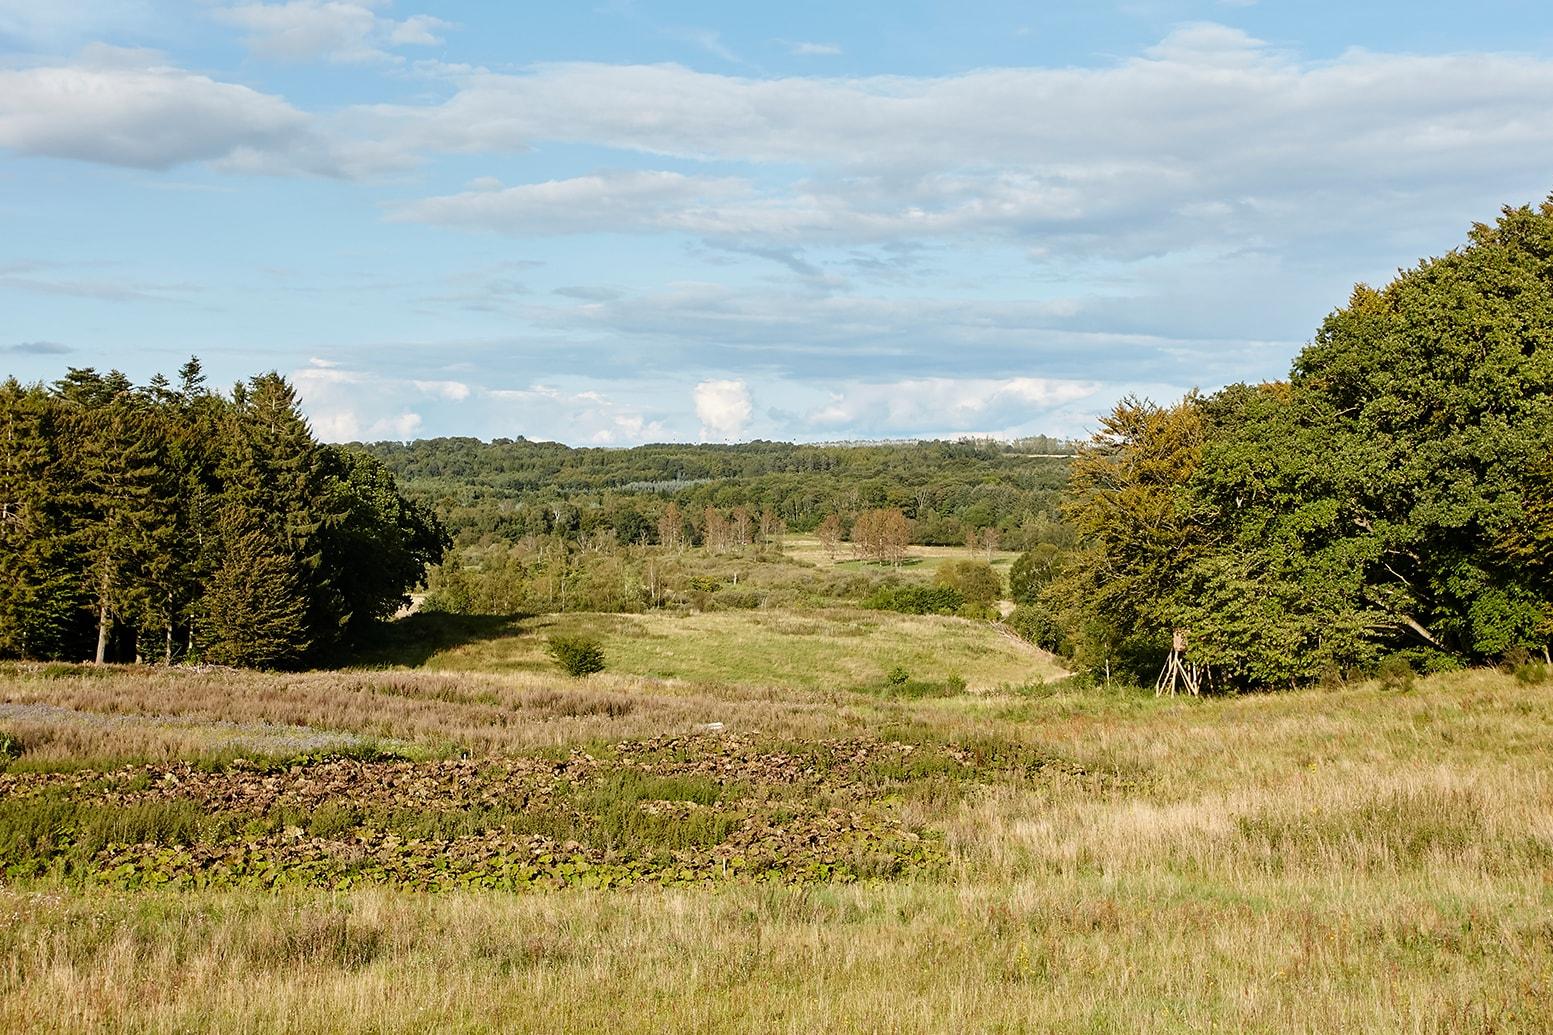 Billede af skoven i nærheden af Provstlund